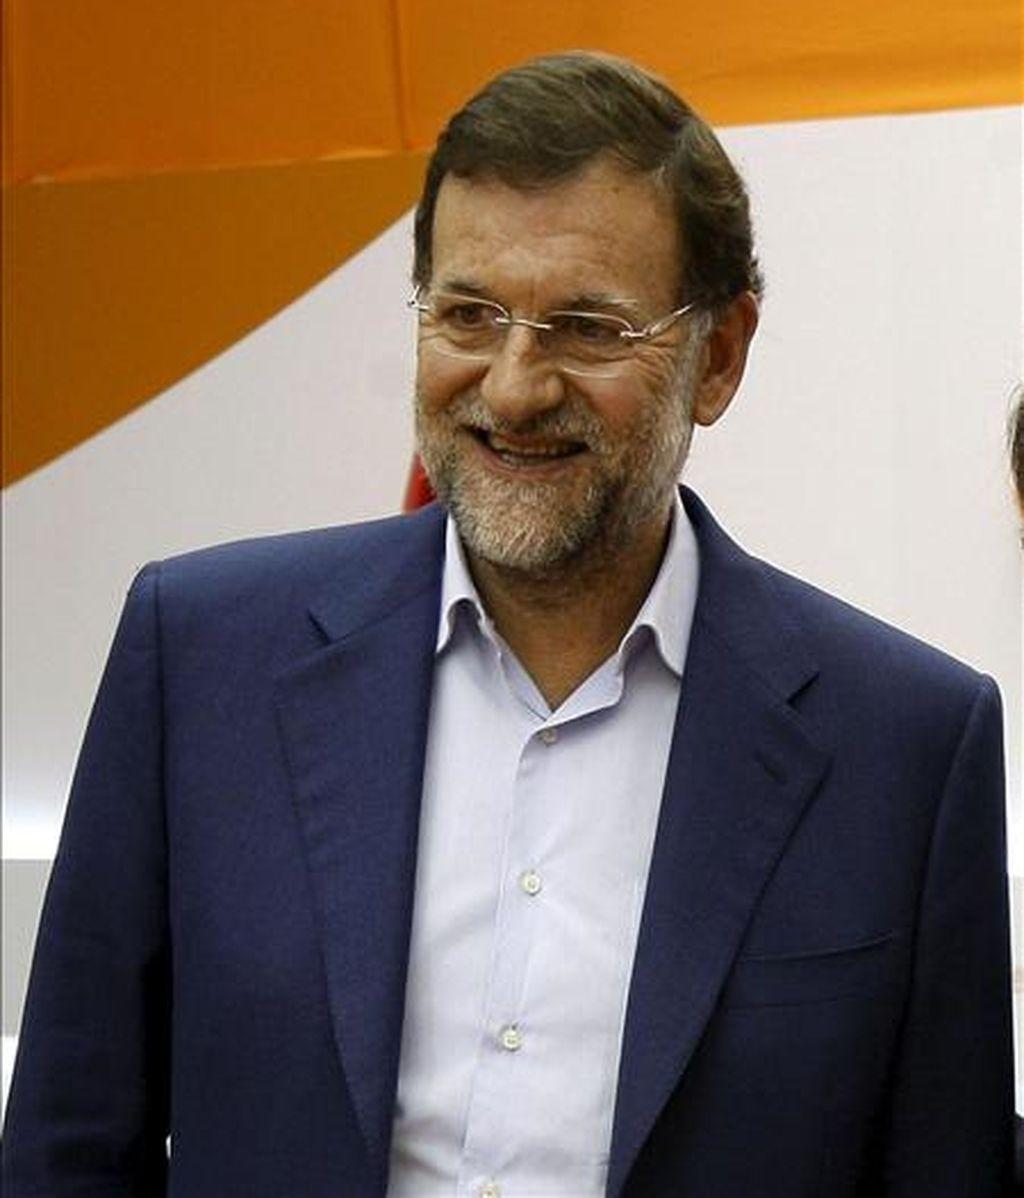 El presidente del PP, Mariano Rajoy, ha mostrado esta noche, mediante un mensaje en 'Facebook', su alegría por la victoria de la selección española en el Mundial de Fútbol de Sudáfrica. EFE/Archivo